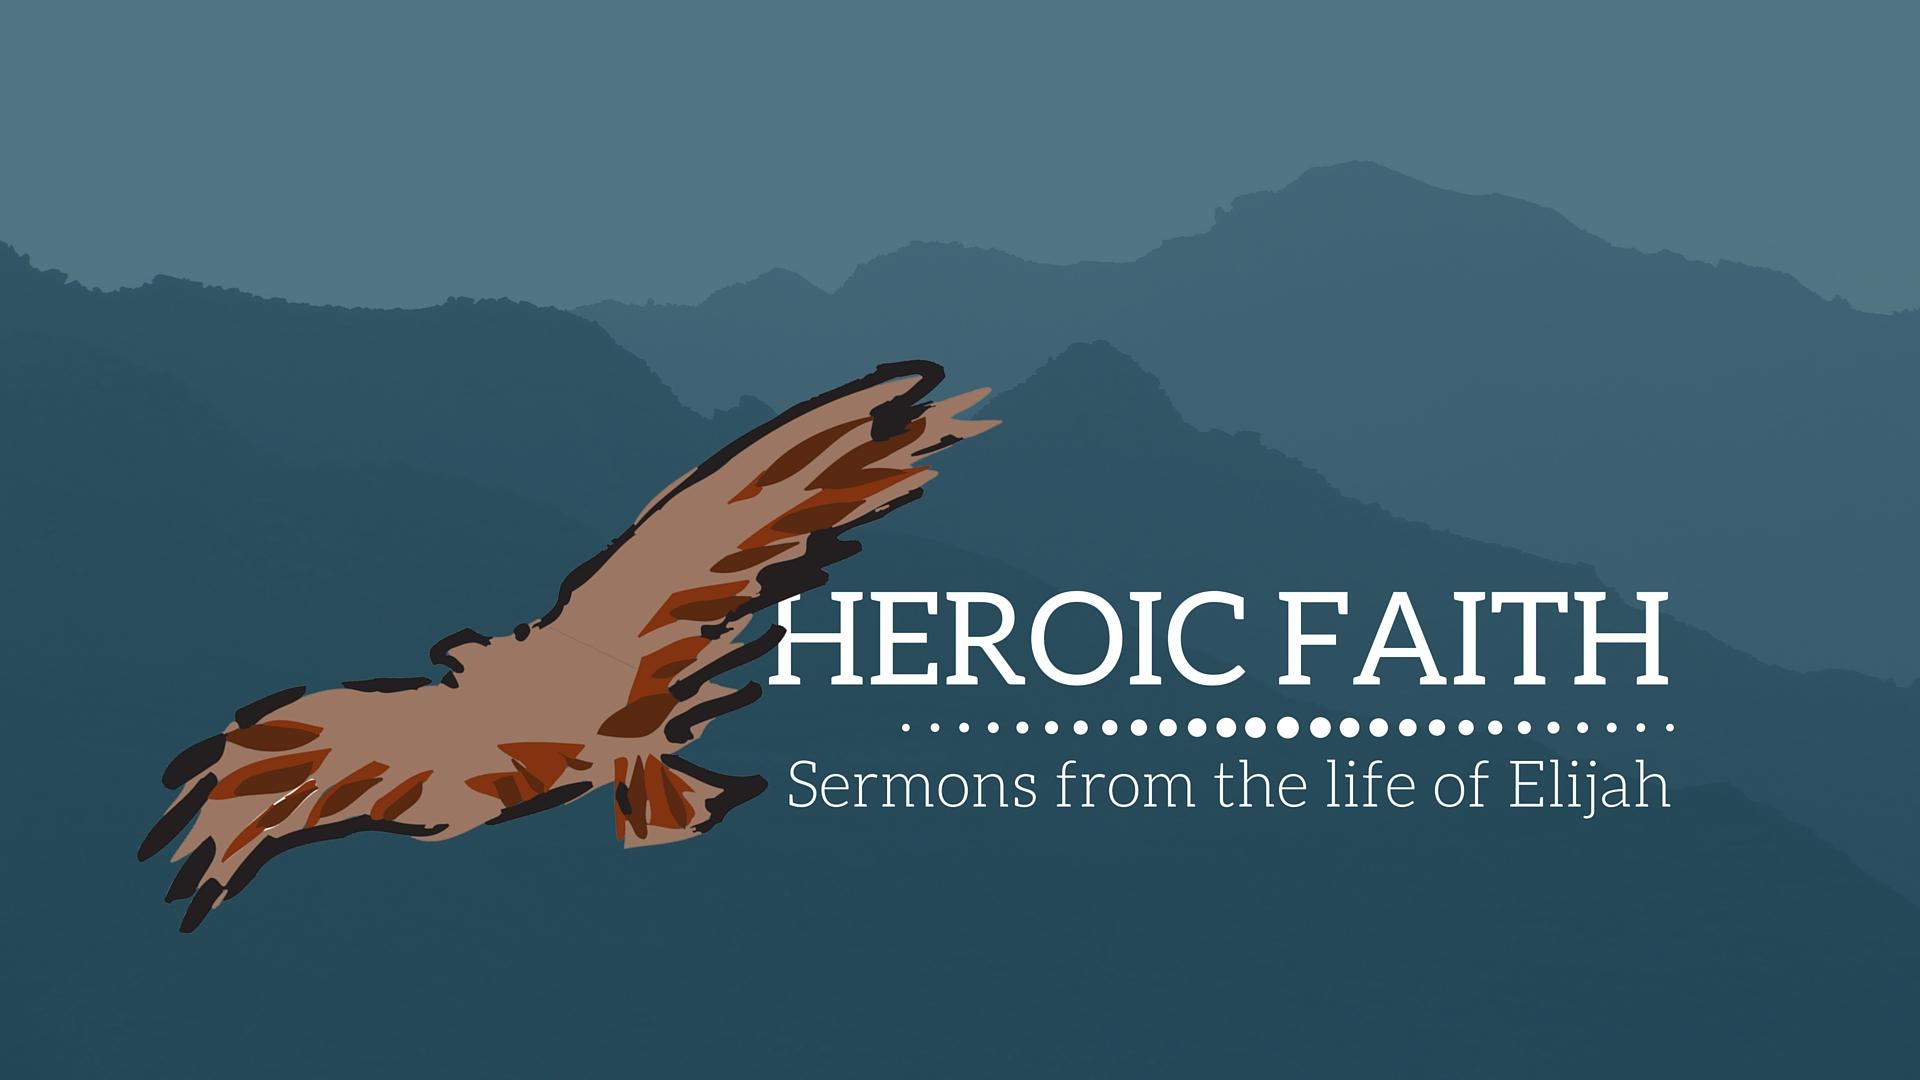 HEROIC FAITH monitor 2.jpg